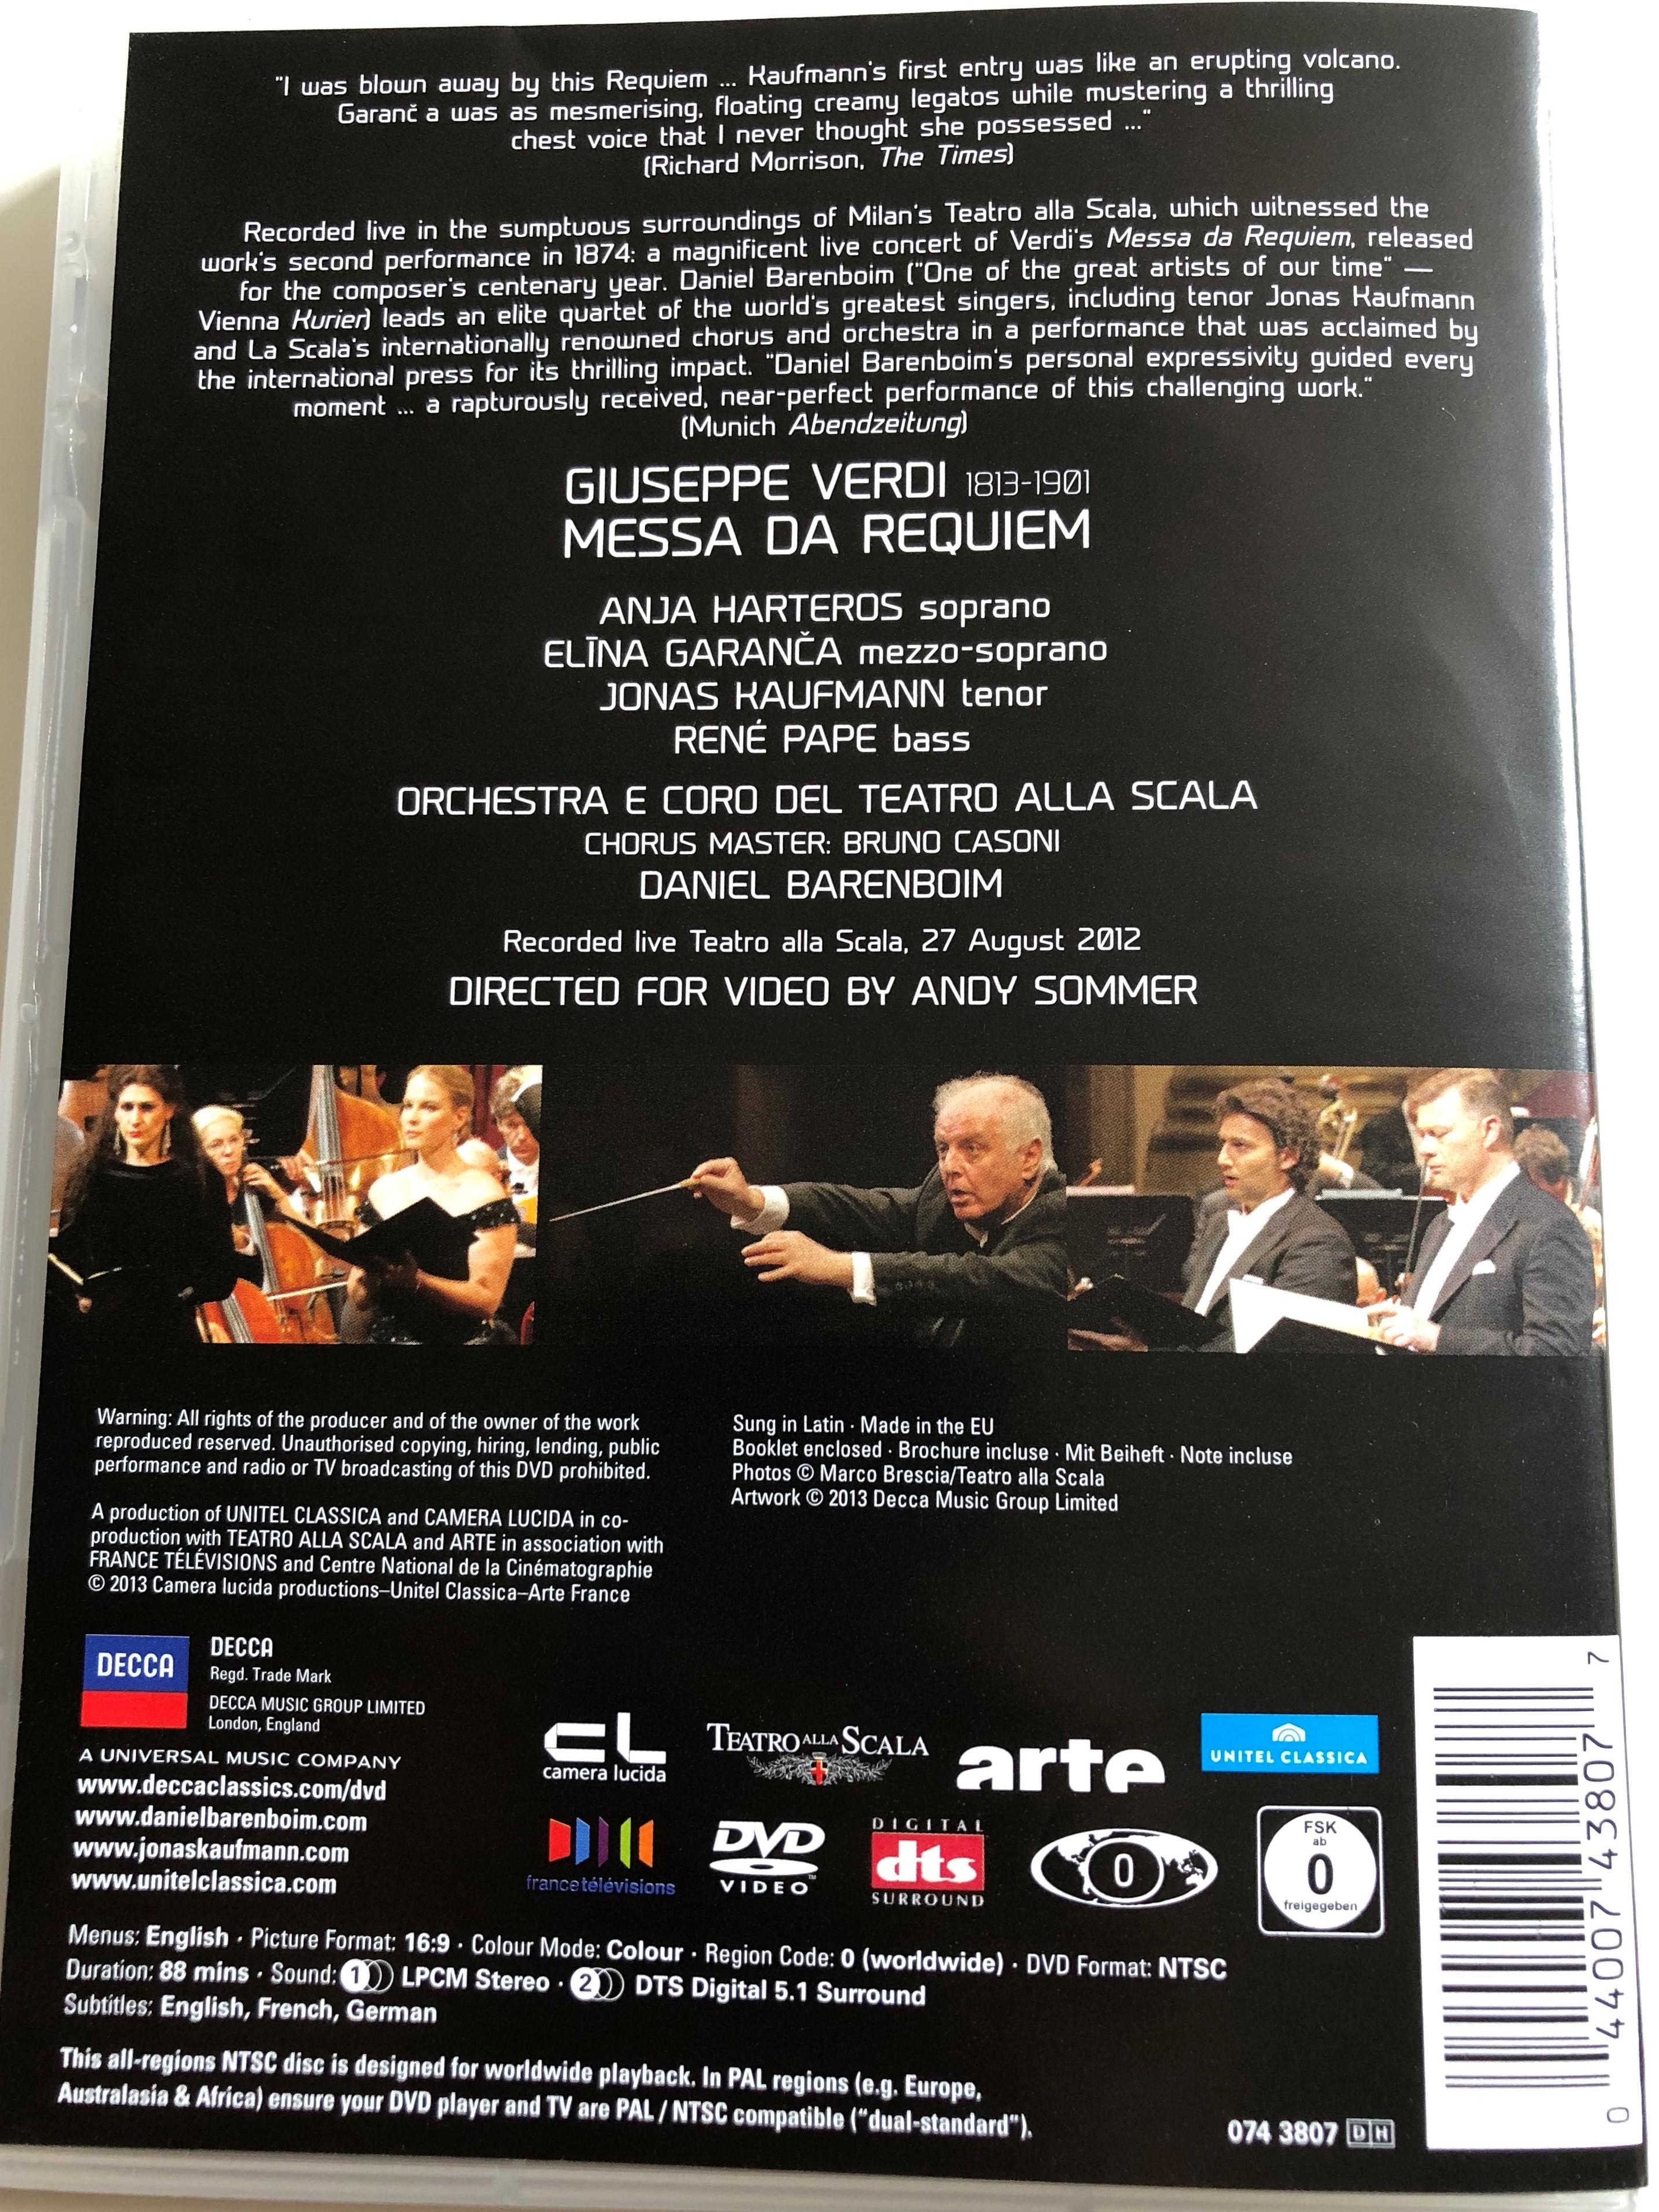 verdi-requiem-dvd-2013-orchestra-e-coro-del-teatro-alla-scala-chorus-master-bruno-casoni-daniel-barenboim-anja-harteros-elina-garanca-jonas-kaufmann-ren-pape-decca-3-.jpg